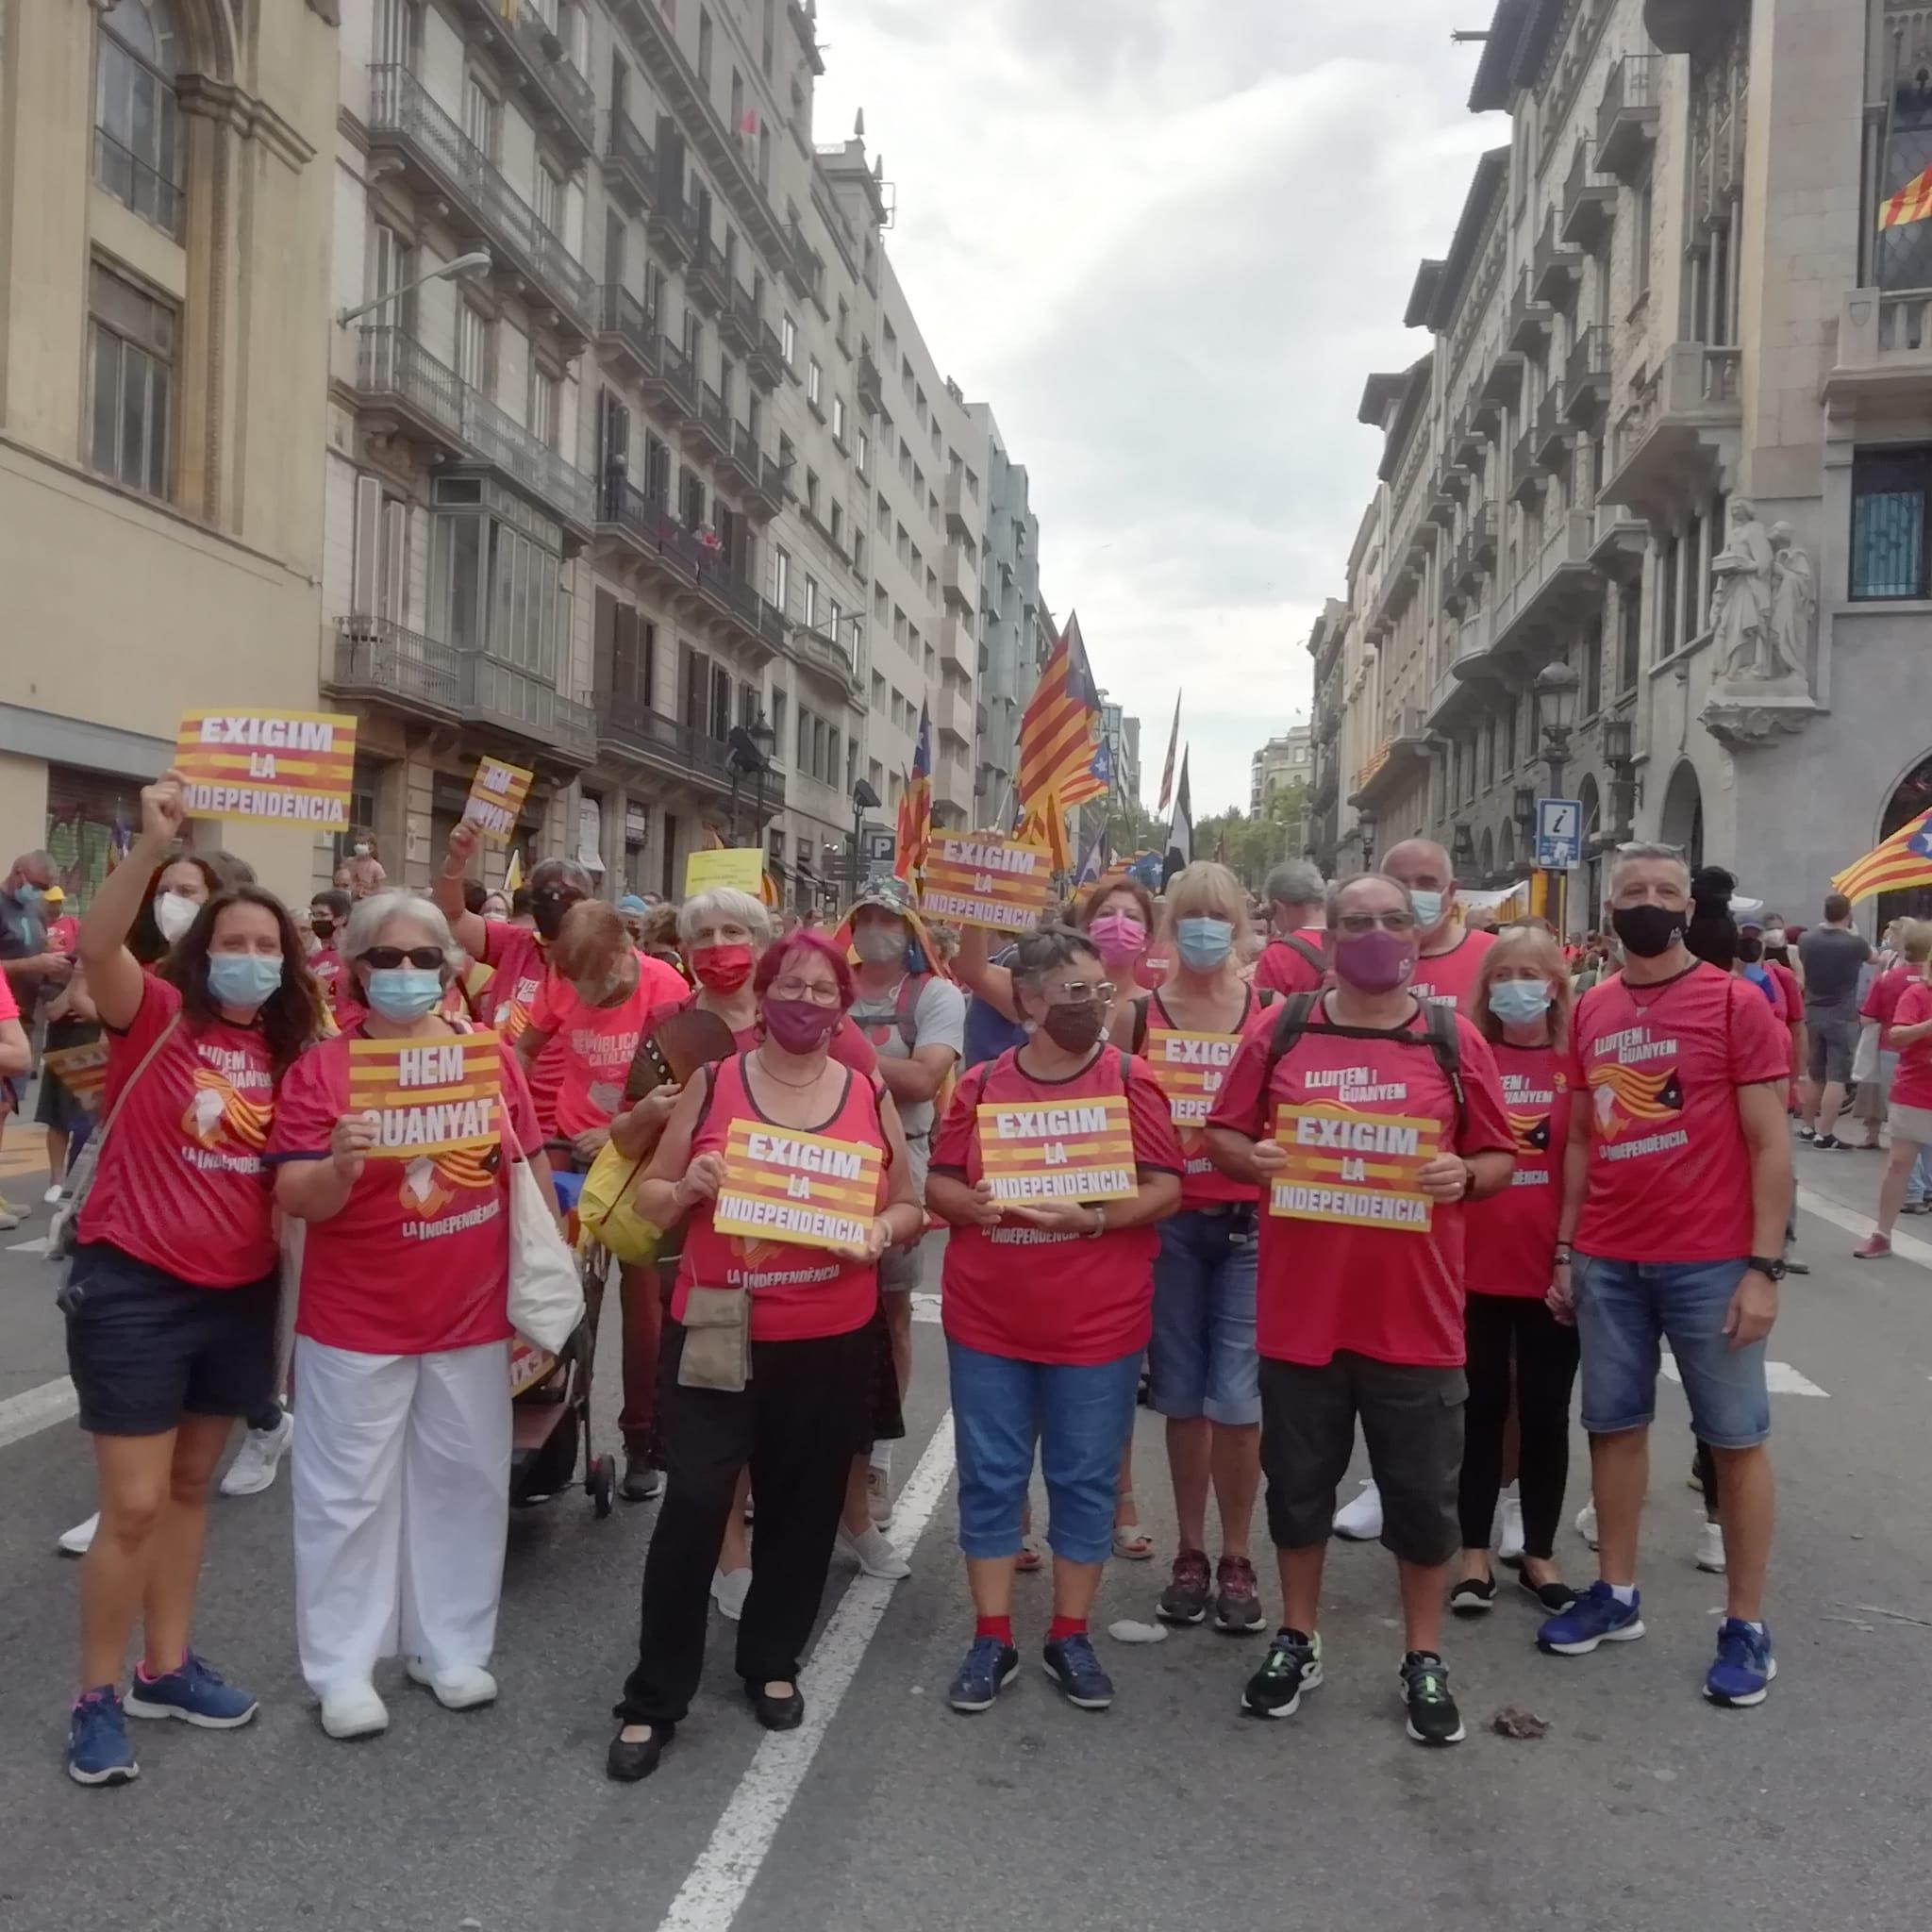 Cerdanyolencs i cerdanyolenques a la manifestació de Barcelona de la tarda. FOTO: Cedida